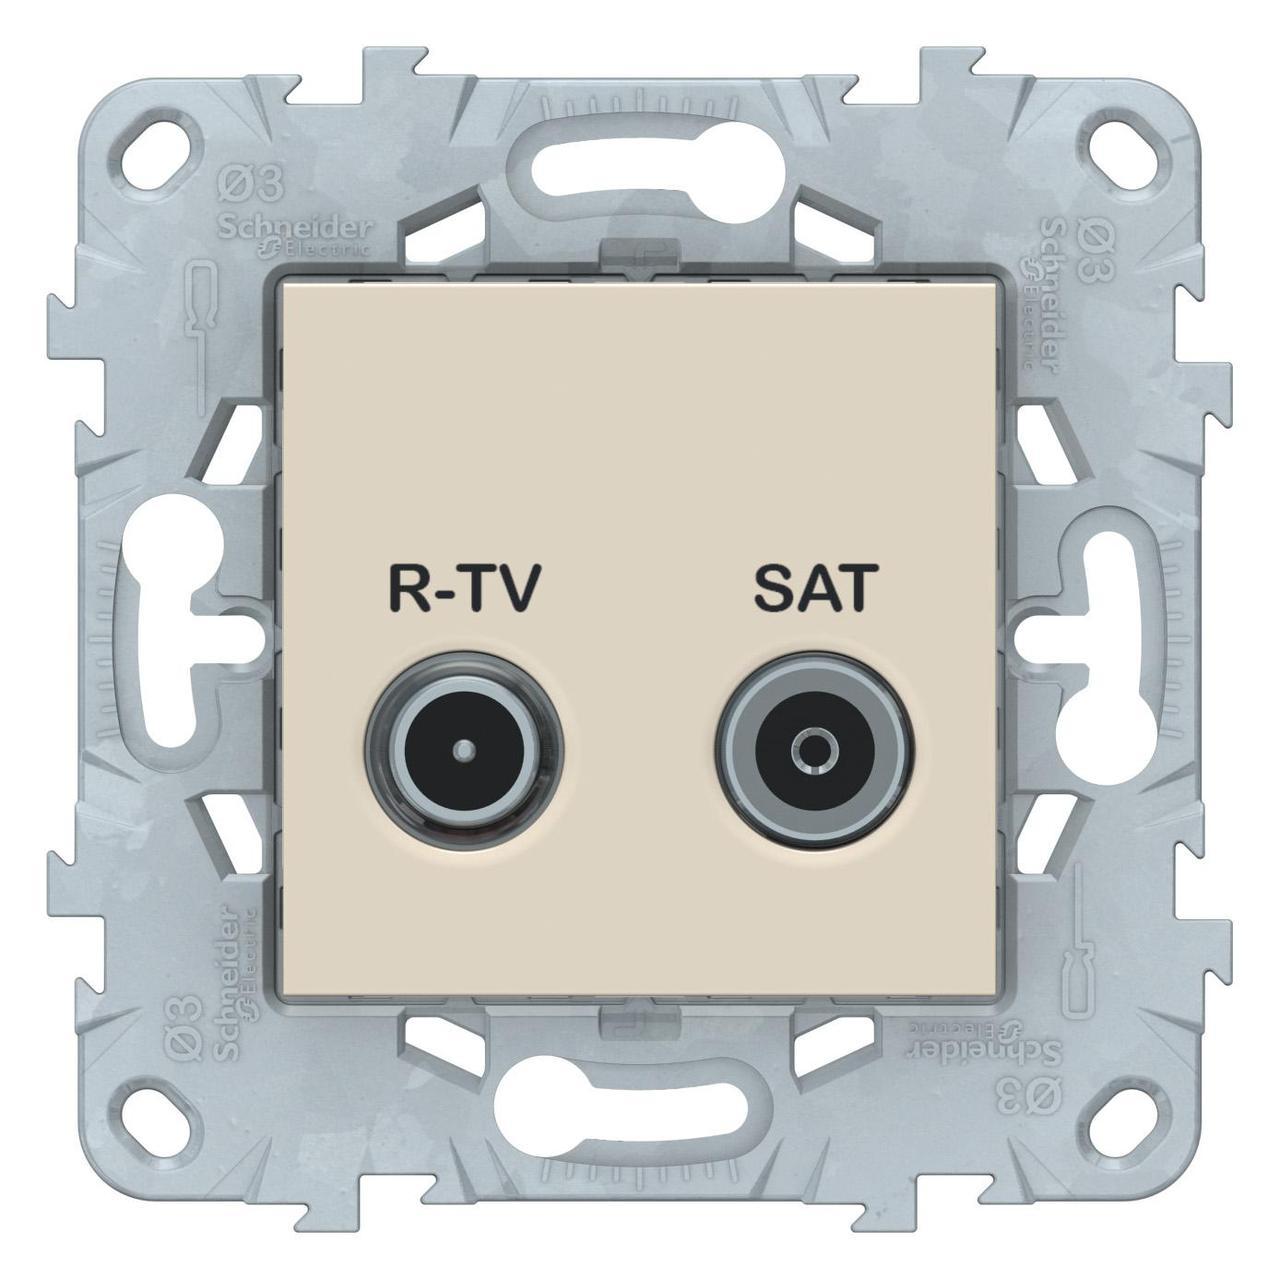 Розетка телевизионная оконечная ТV-SAT , Бежевый, серия Unica New, Schneider Electric